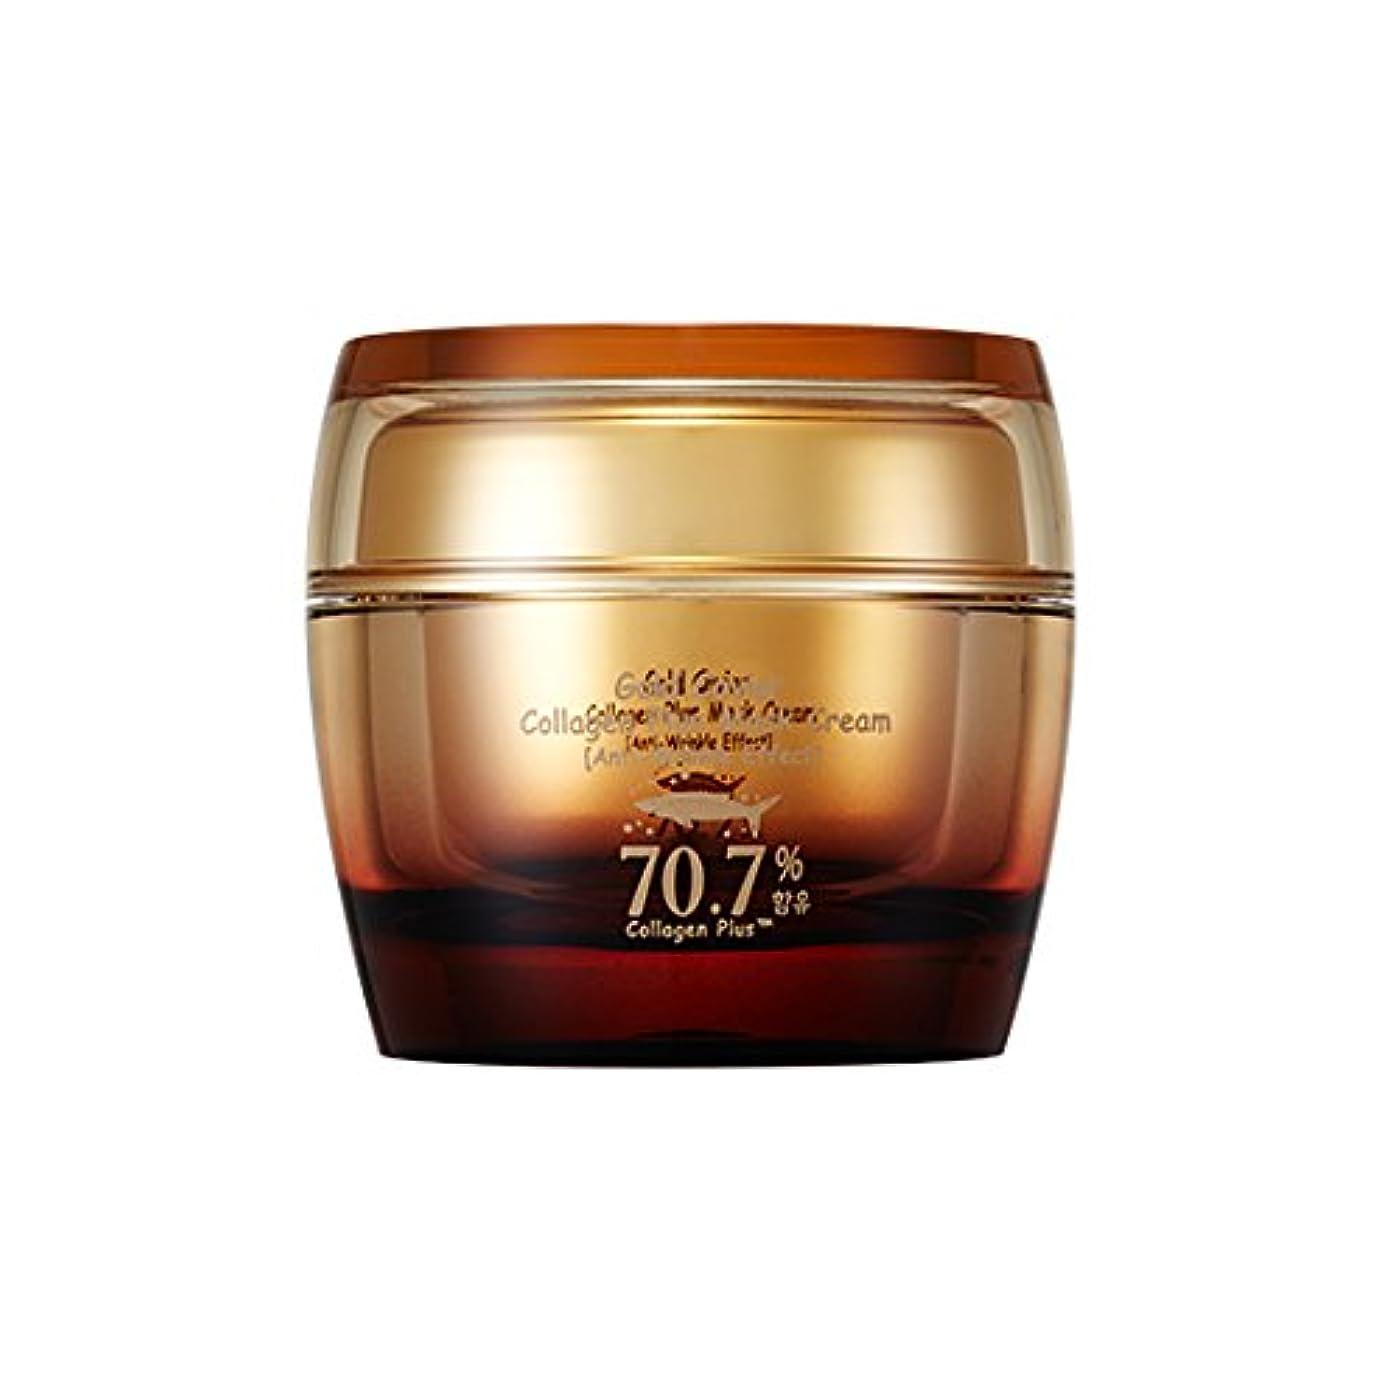 貢献する鮮やかな人物Skinfood ゴールドキャビアコラーゲンプラスクリーム(しわ防止効果) / Gold Caviar Collagen Plus Cream (Anti-Wrinkle Effect) 50g [並行輸入品]